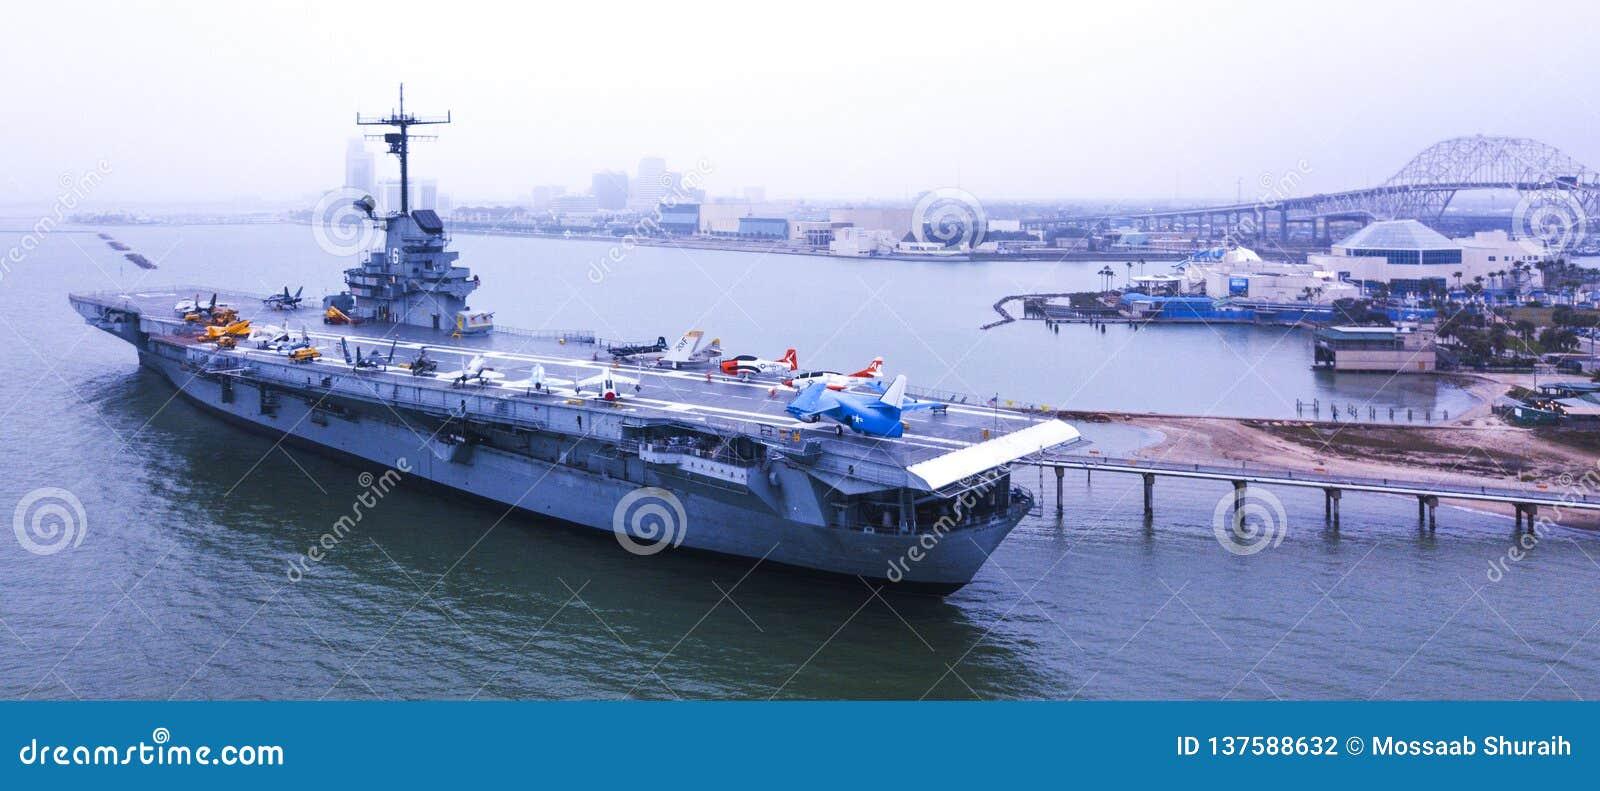 12-ое декабря 2018 Авианосец USS Lexington в Корпус Кристи, Техасе США